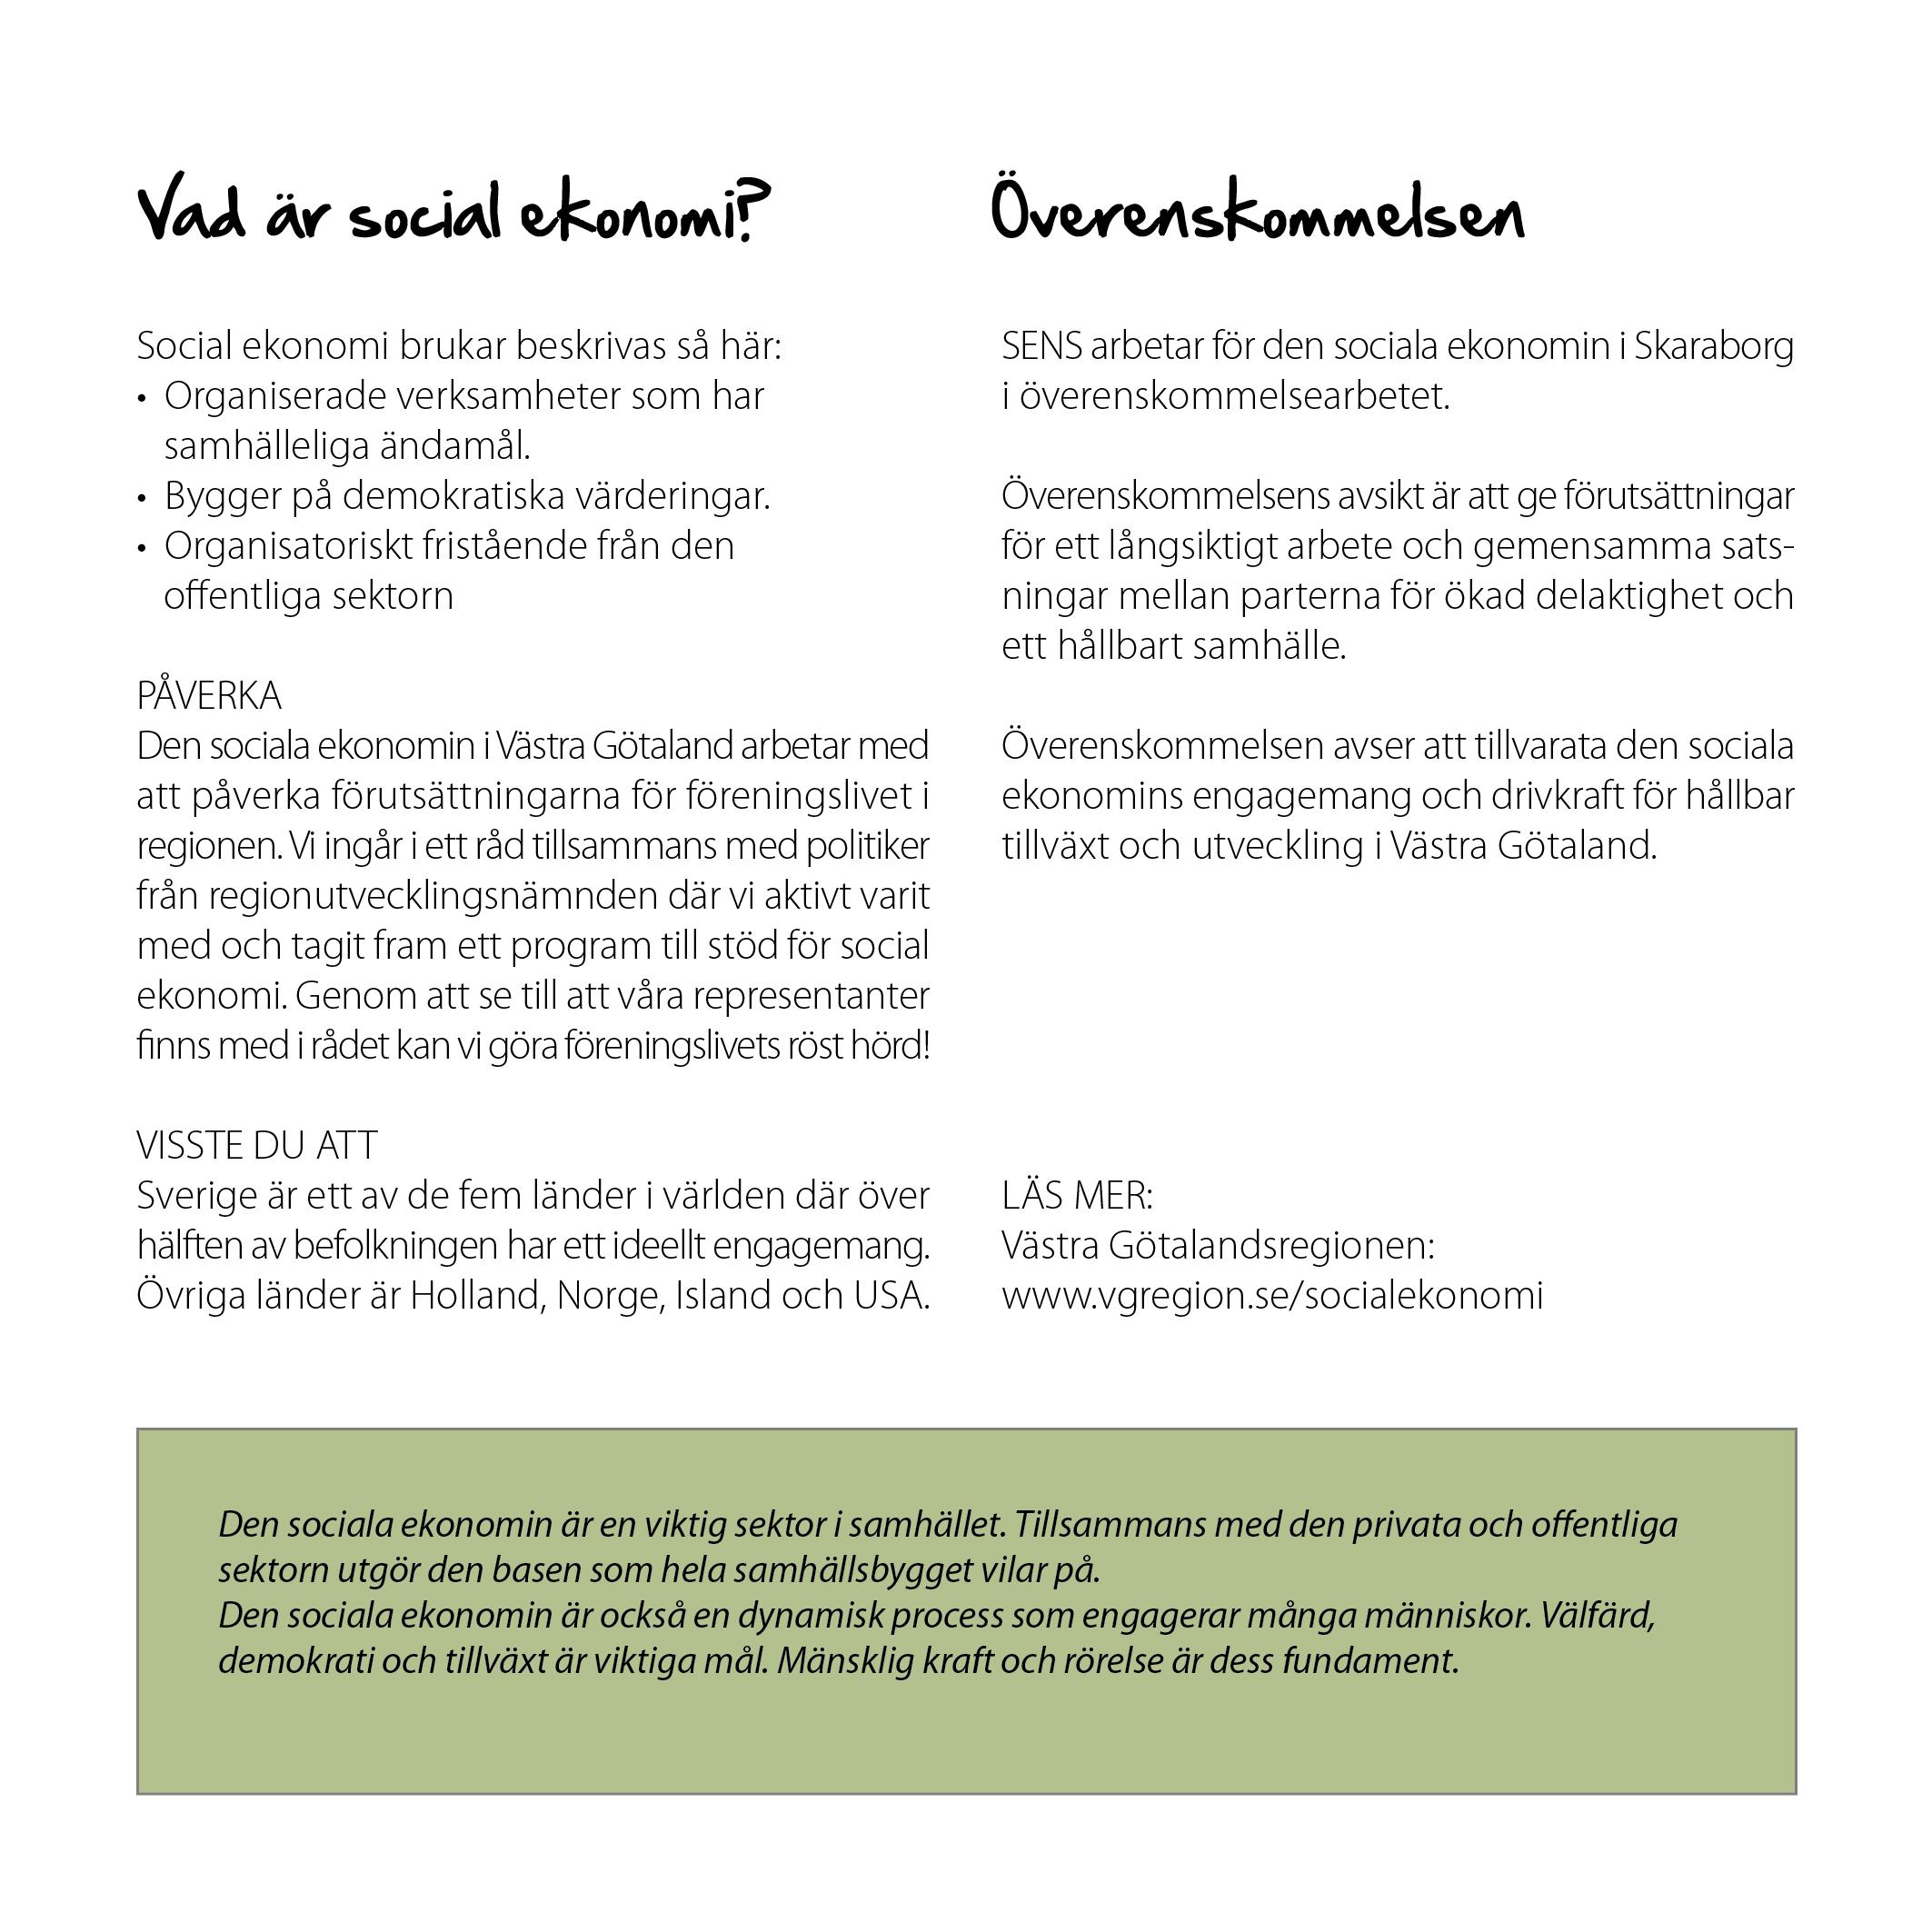 Grafisk manual, västra götaland